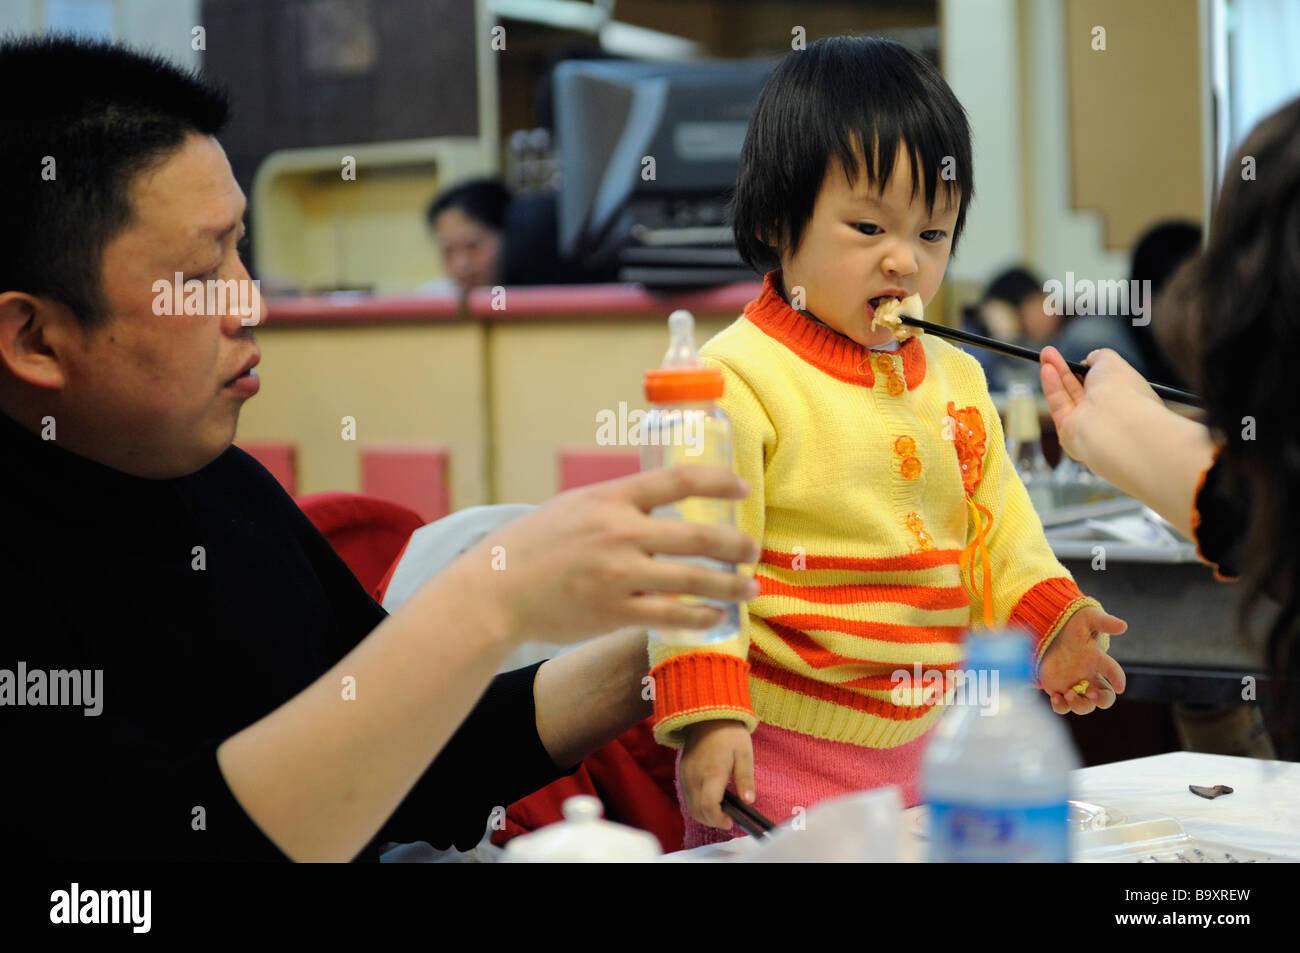 Chinesisches Ehepaar Fütterung ein Baby in einem Restaurant in Tianjin, China. 14. März 2009 Stockbild